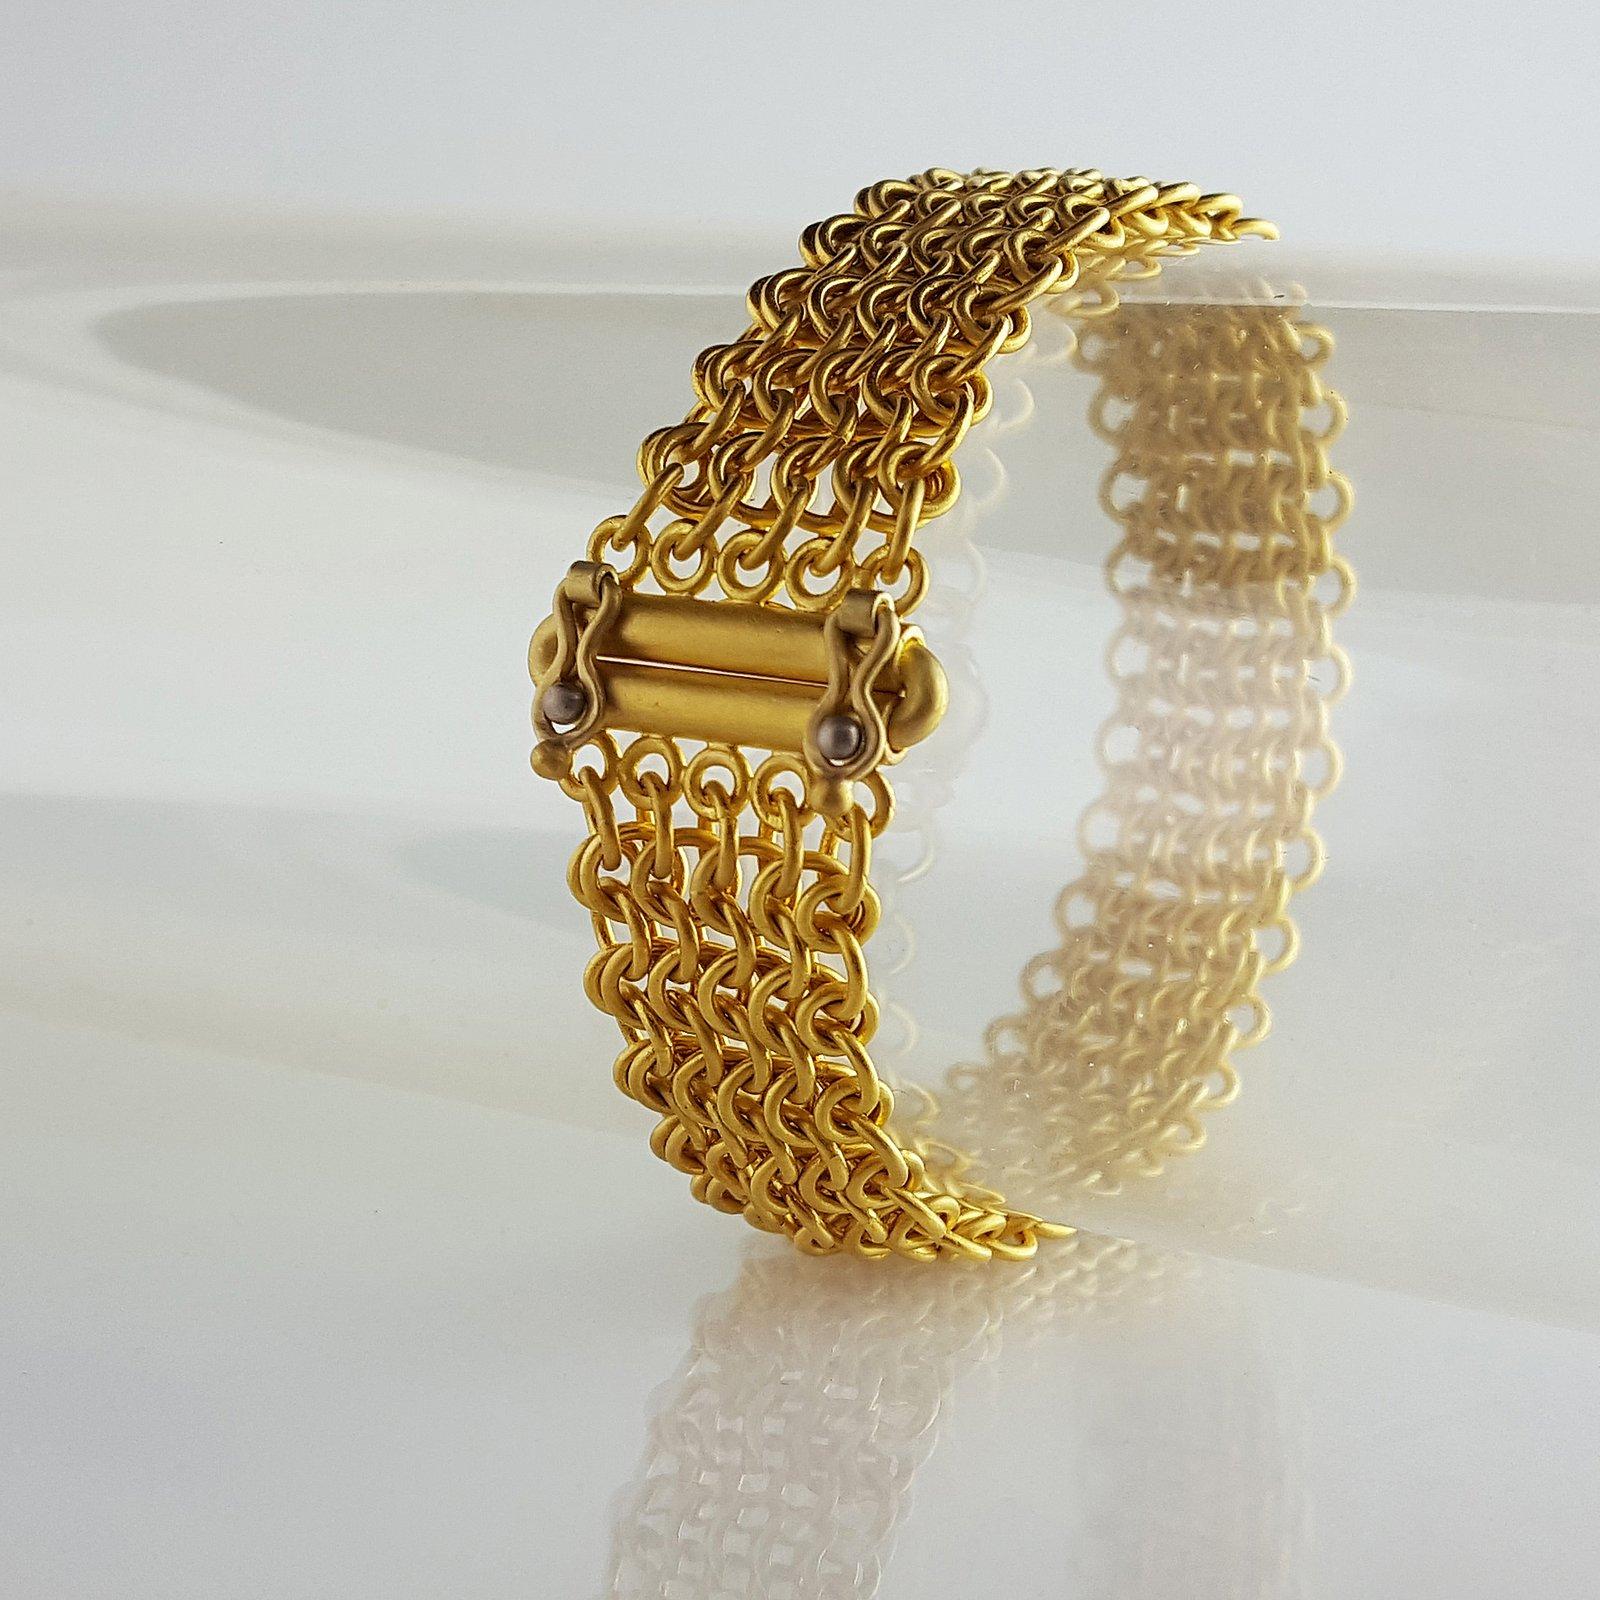 22k Mesh Chain Maille Bracelet